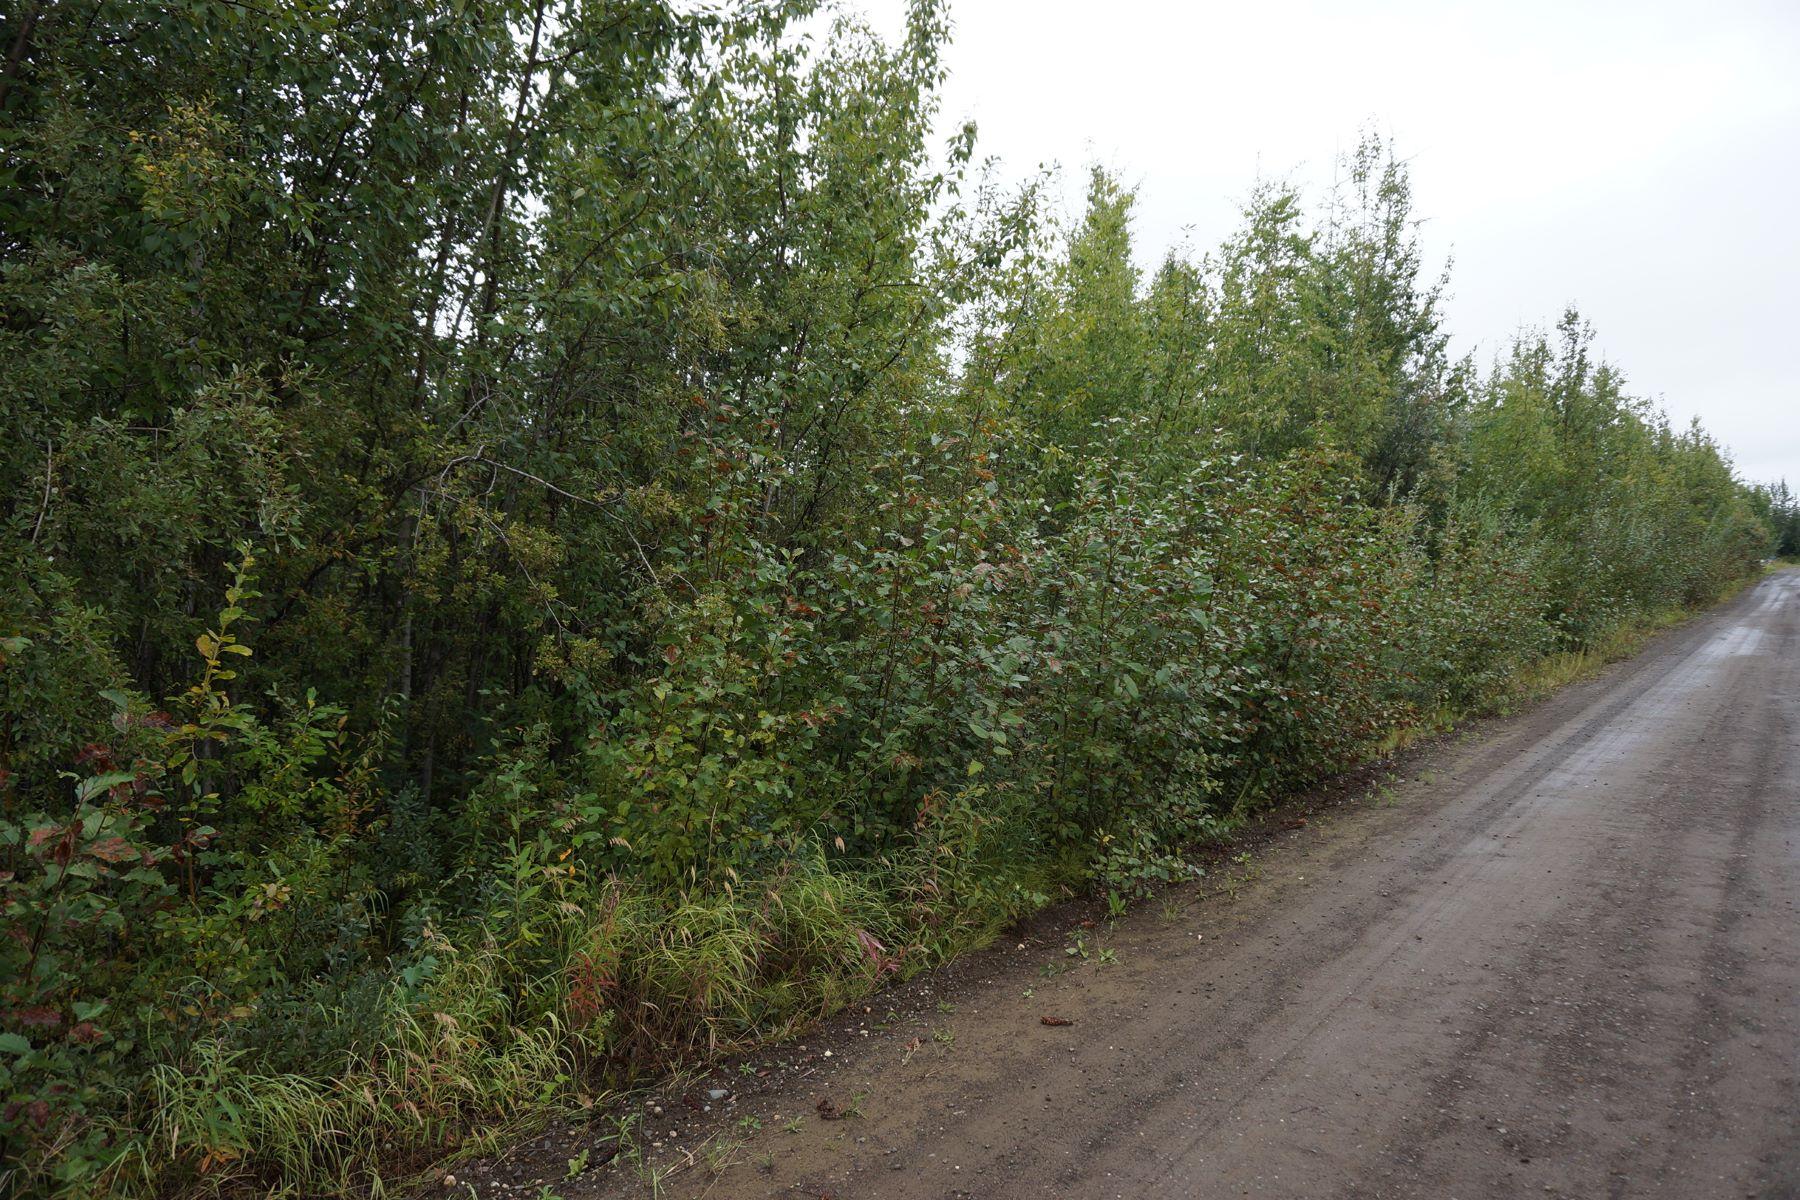 Terreno por un Venta en NHN Tootie Street Lot 7 North Pole, Alaska 99705 Estados Unidos